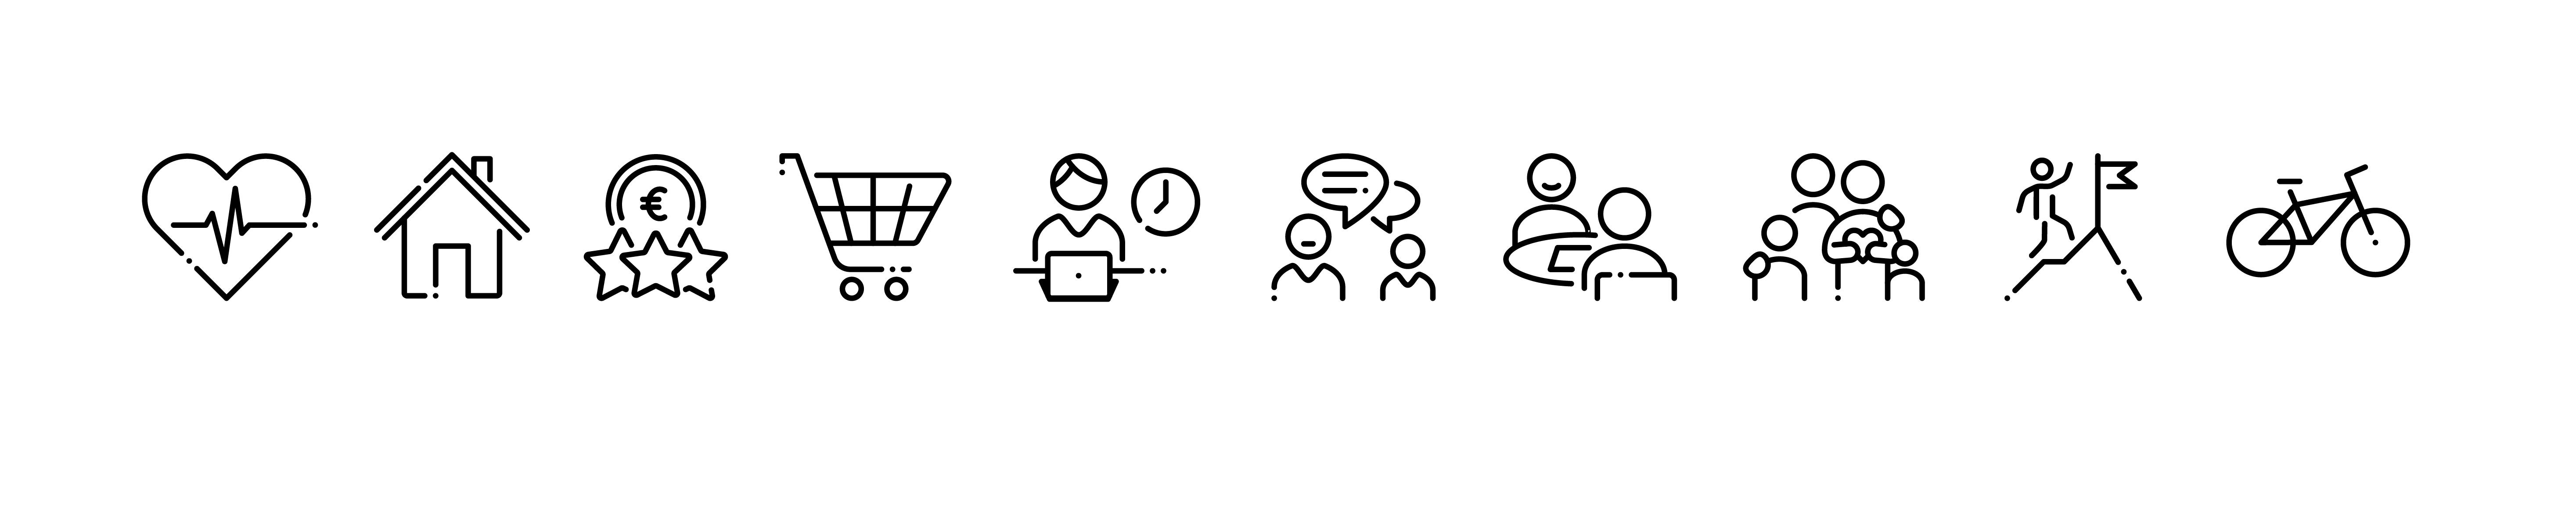 Icons Benefits